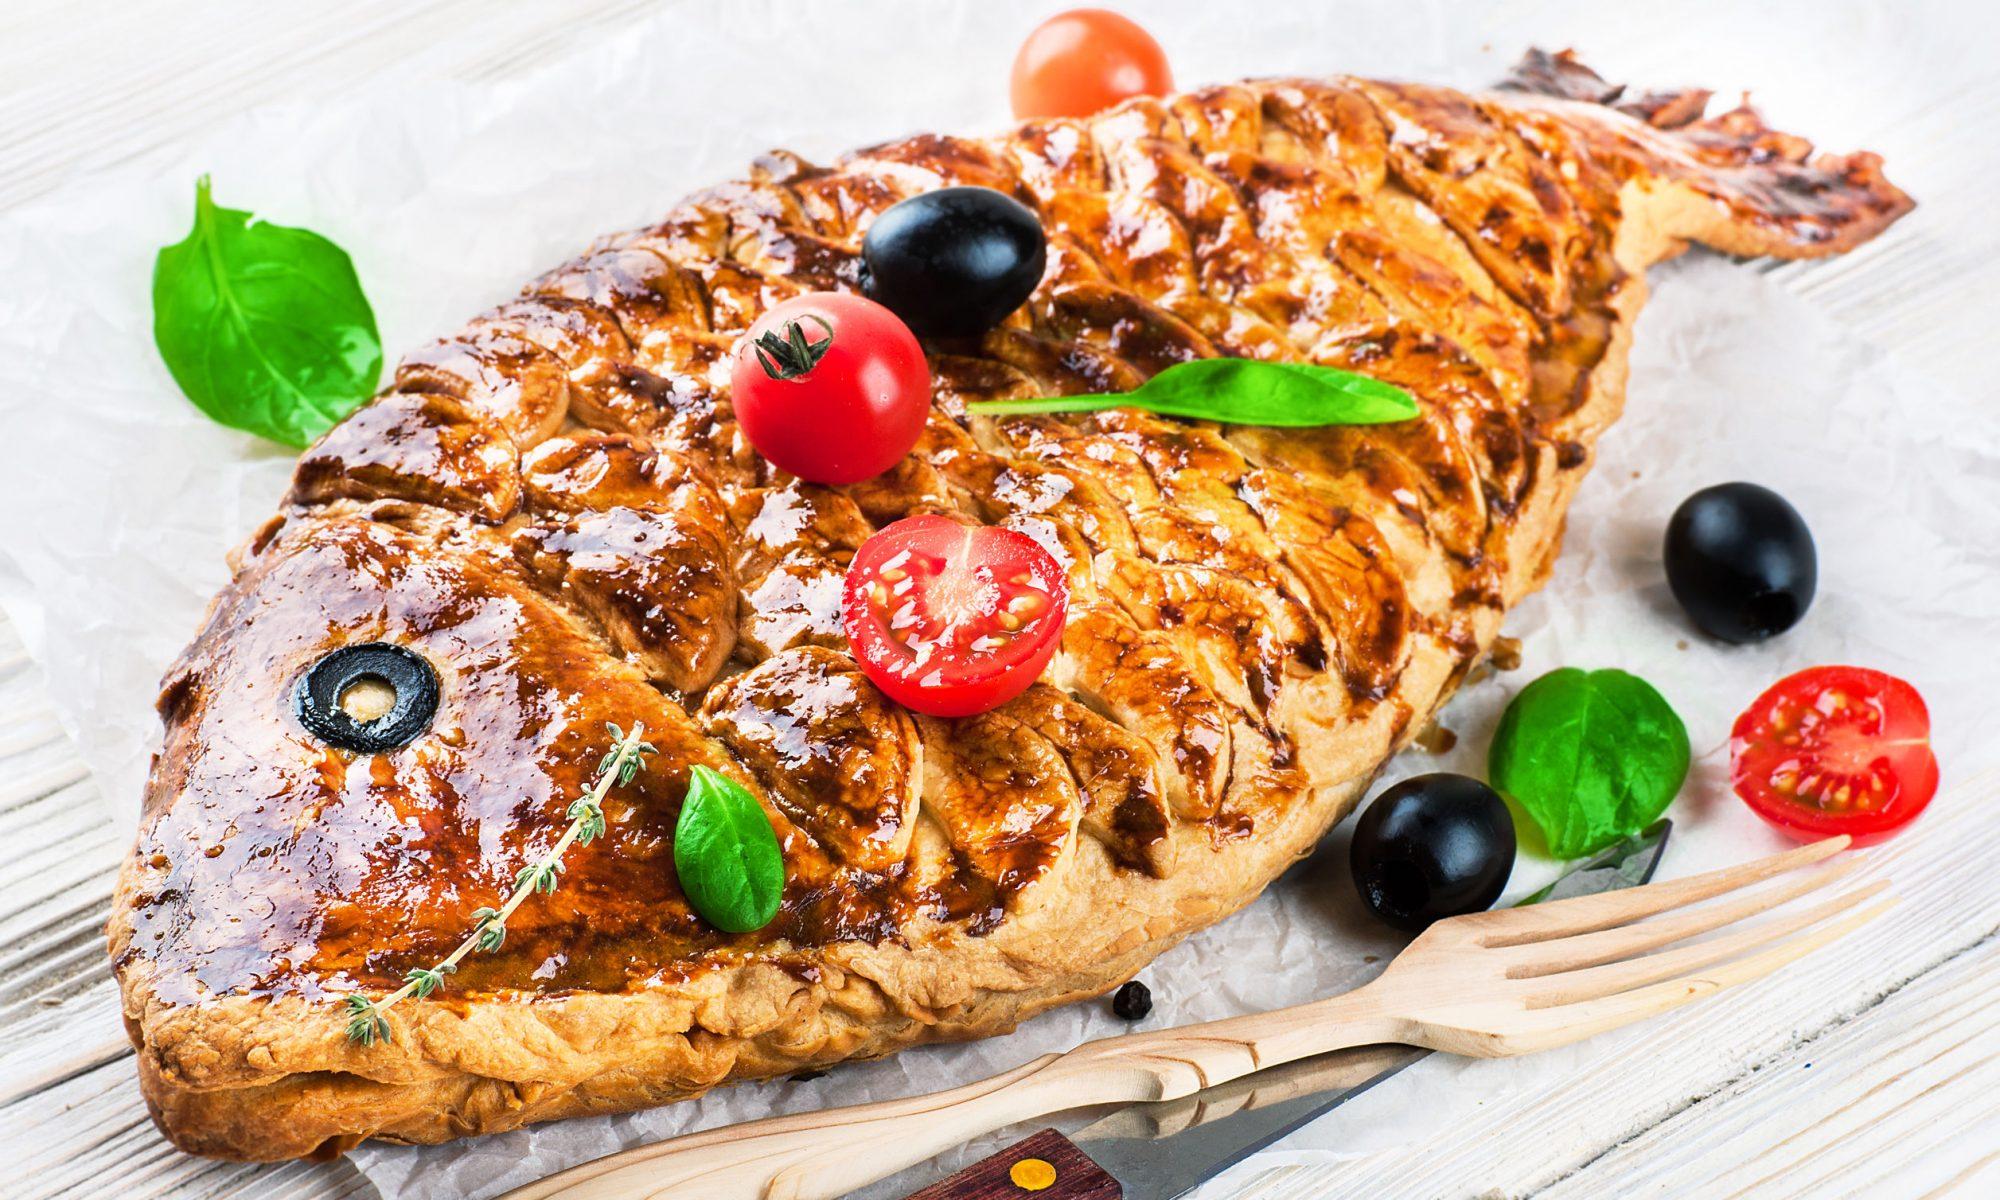 Изысканный пирог с форелью – это отличный вариант домашней выпечки к праздничному столу.